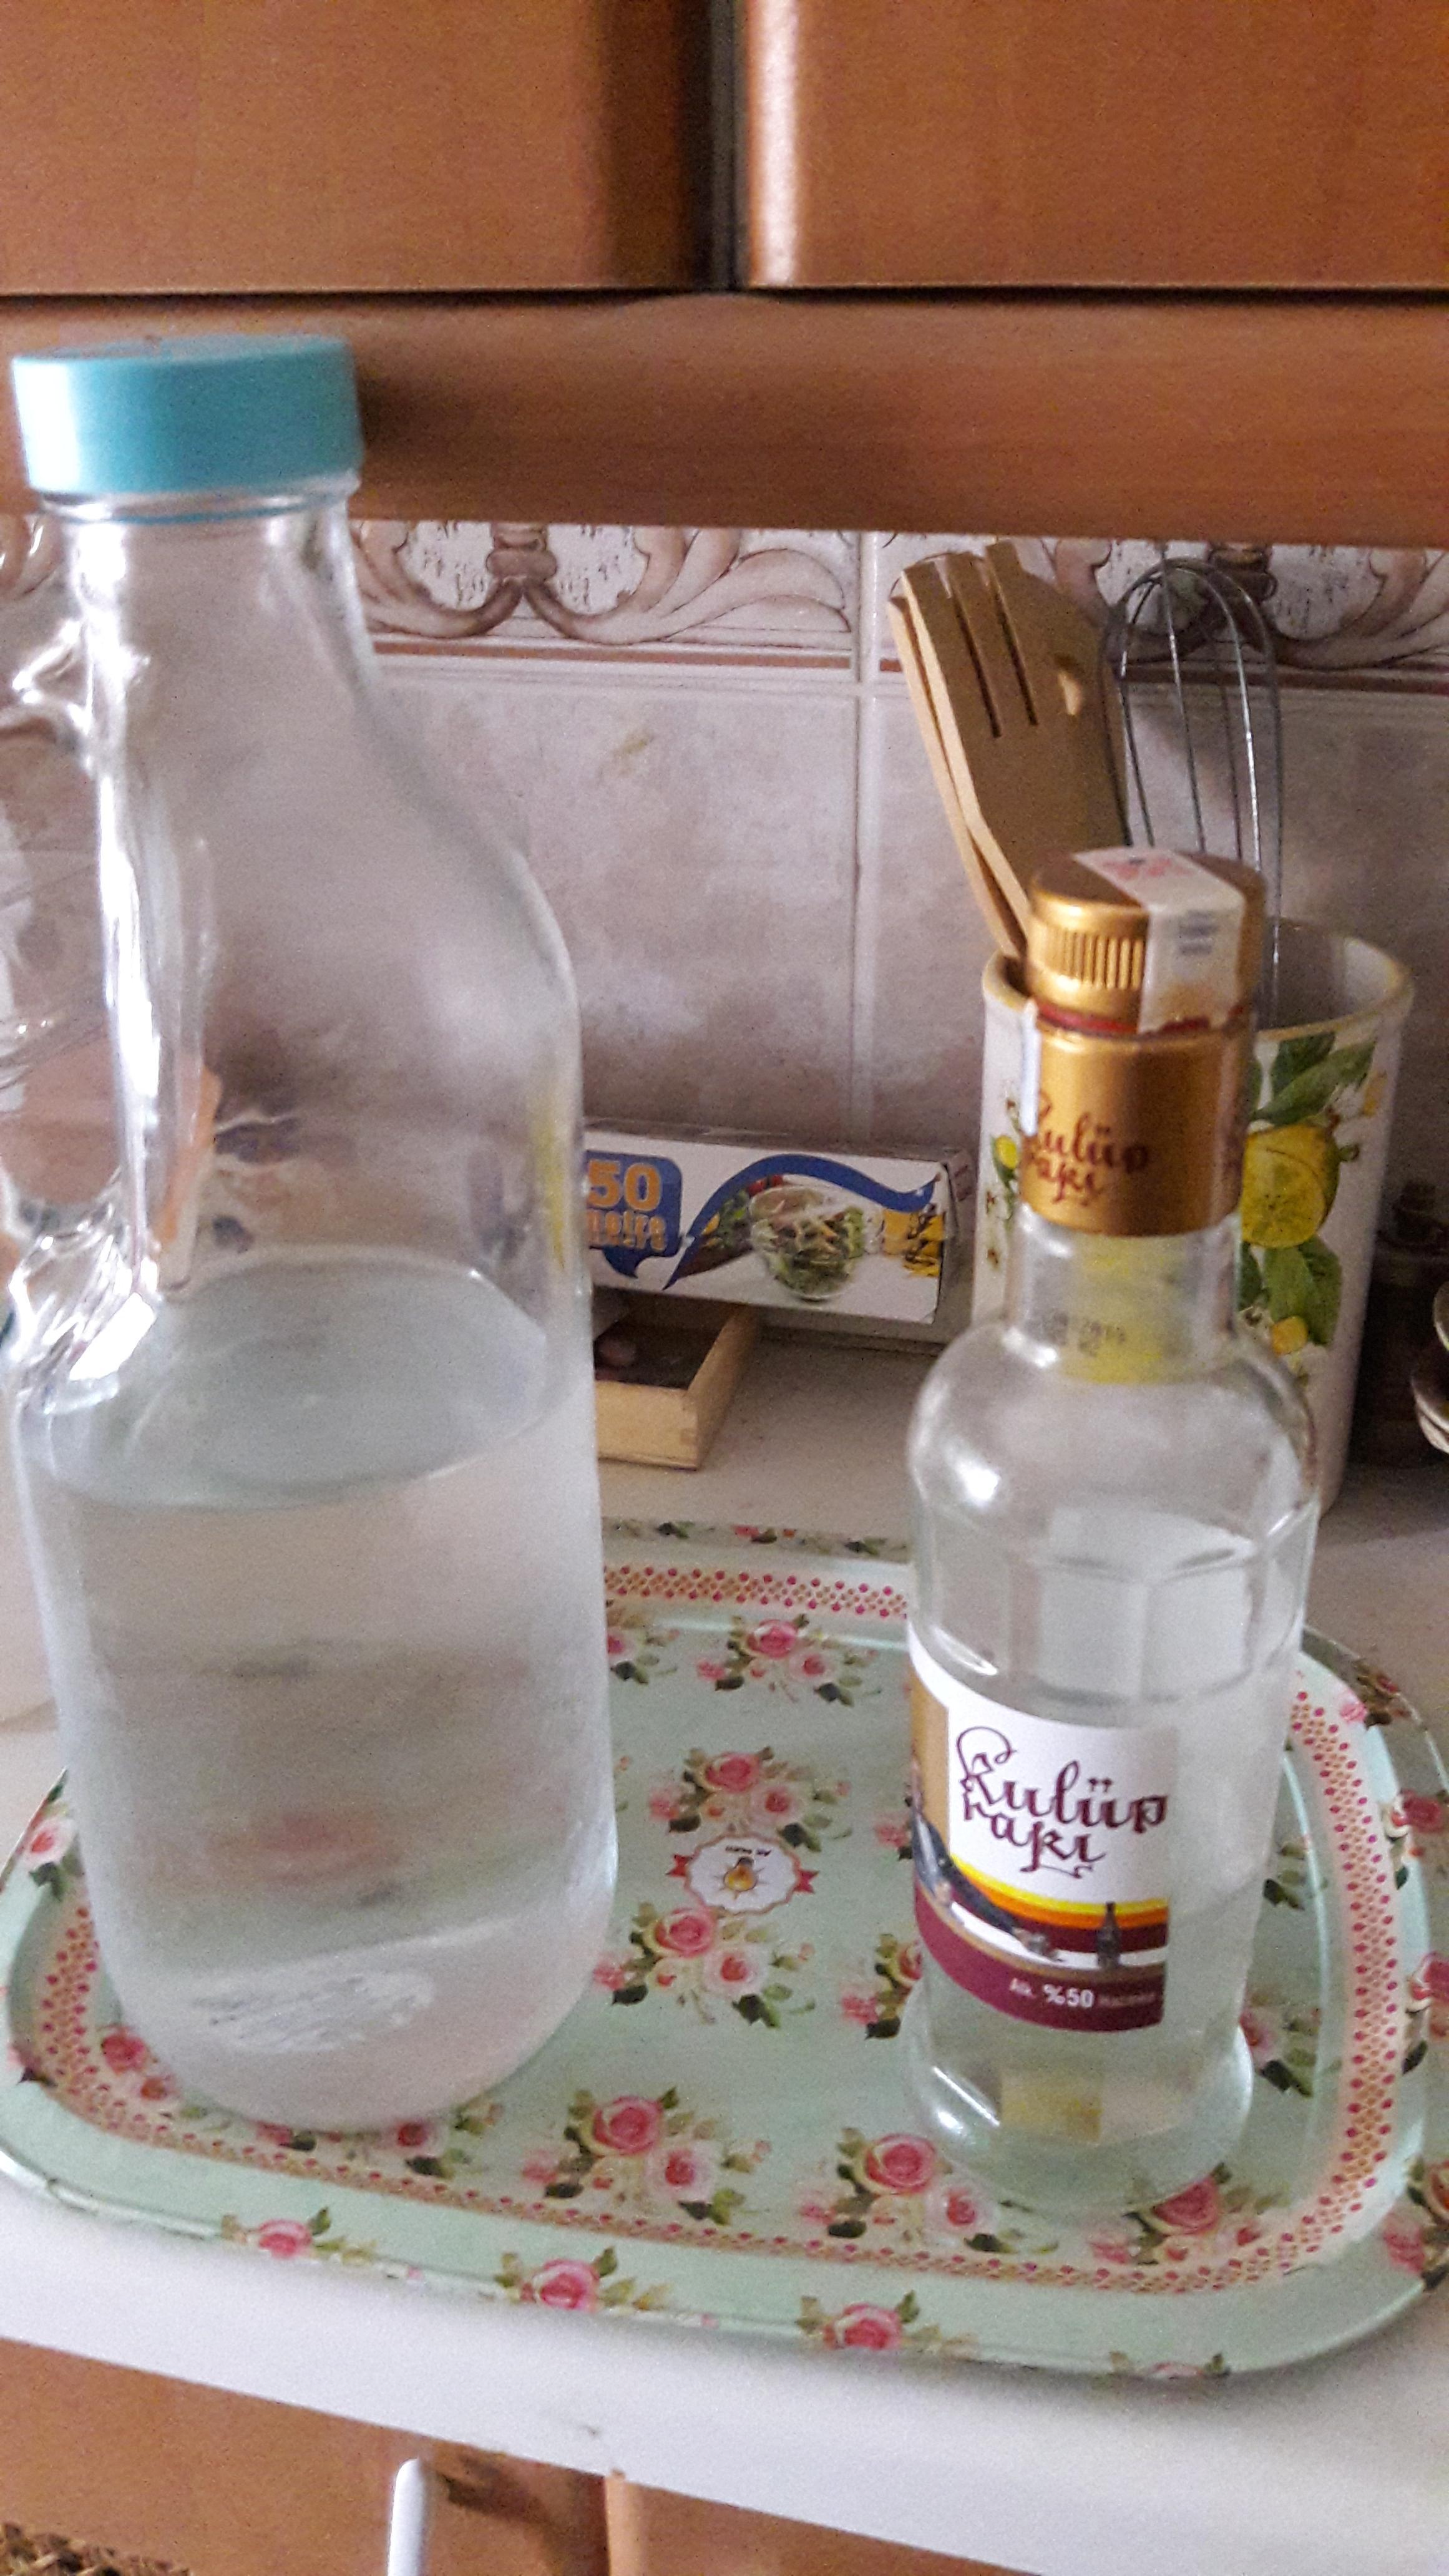 alkol fotoğrafı paylaşmak